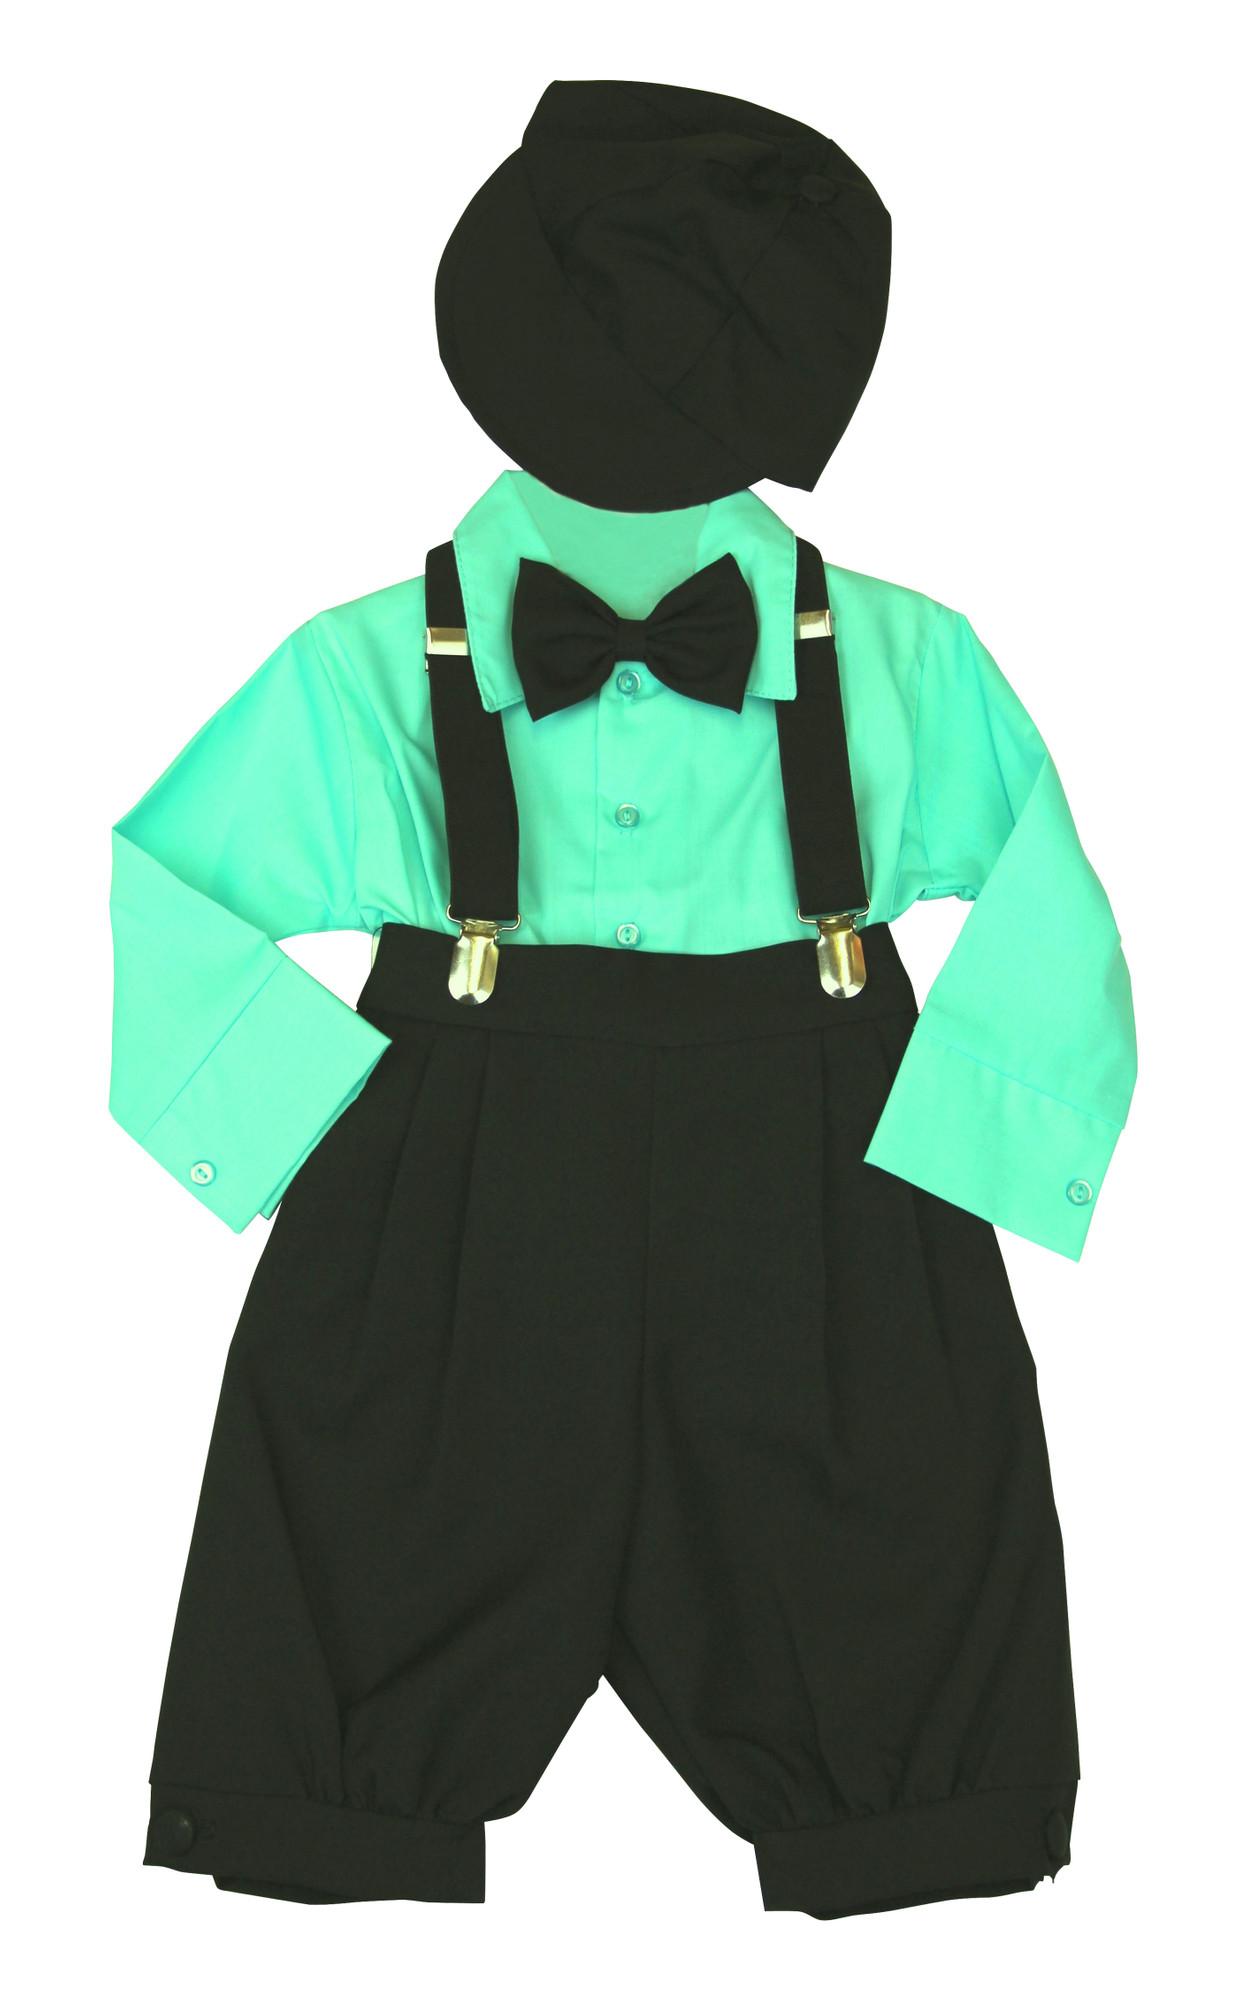 Bimaro Baby Jungen Babyanzug Louis Taufanzug Schwarz Hemd Mint Grun